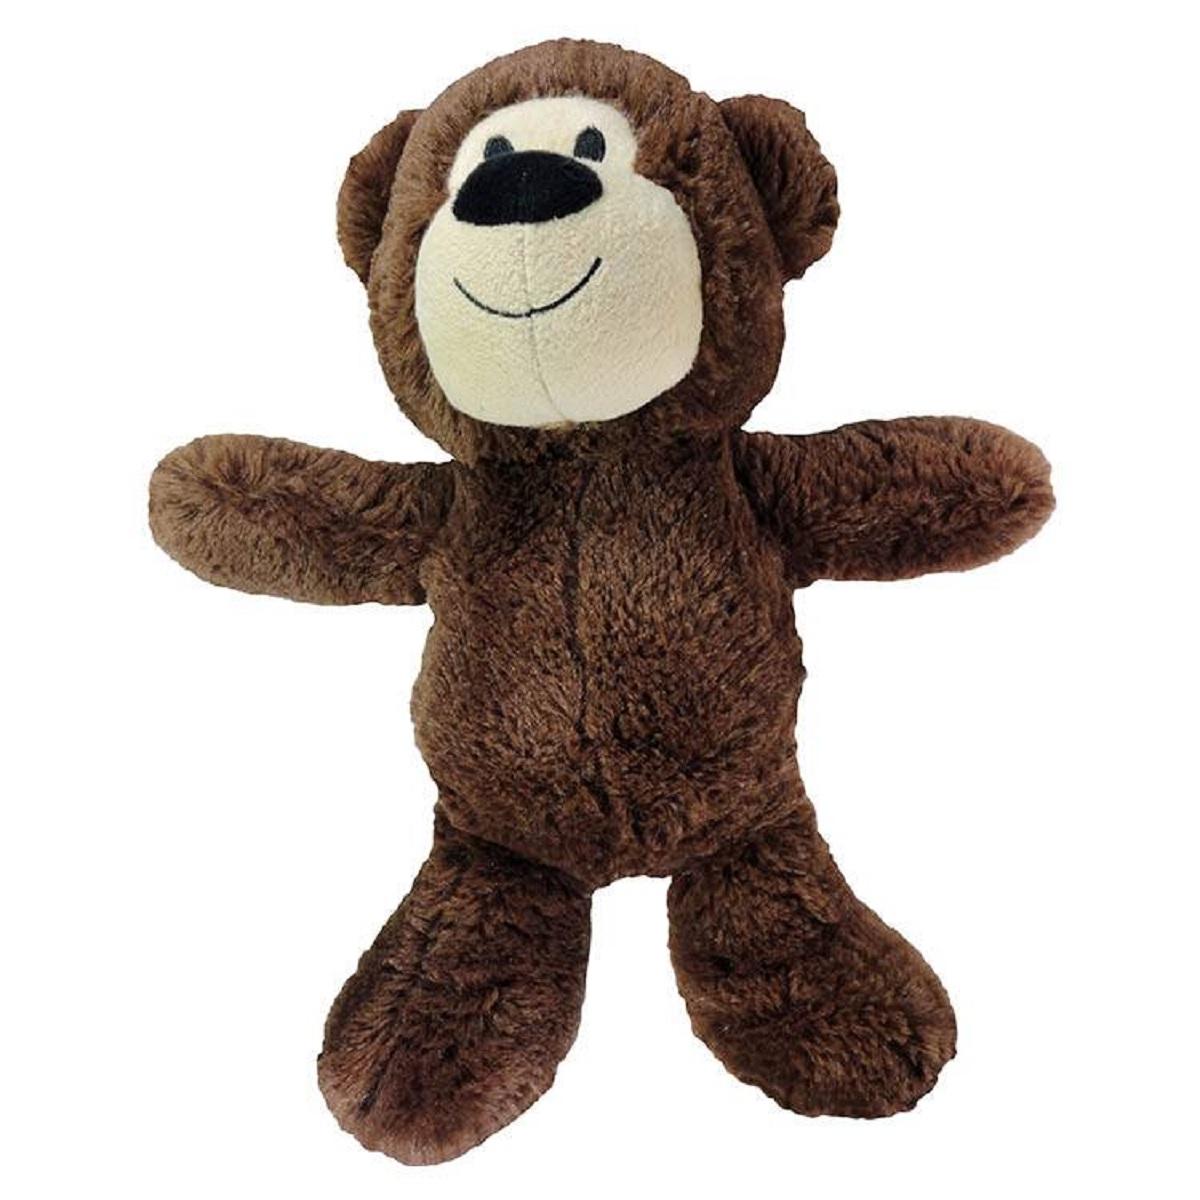 MORDEDOR PELUCIA HAPPY BEAR